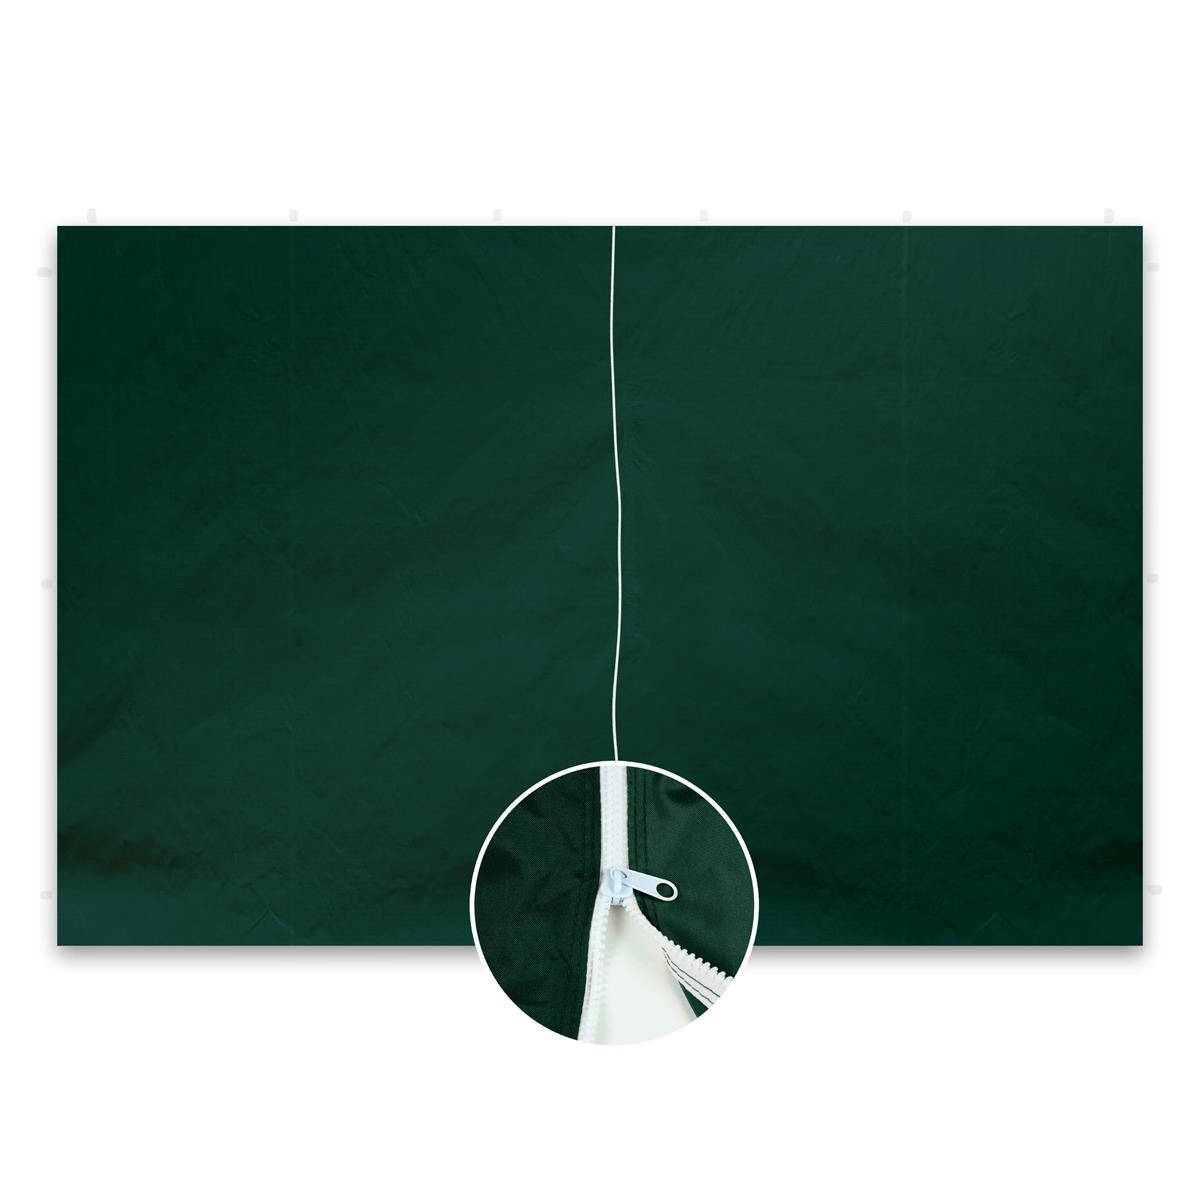 2 Seitenteile ohne Fenster für PROFI Falt Pavillon 3x3 m grün PE Reißverschluss